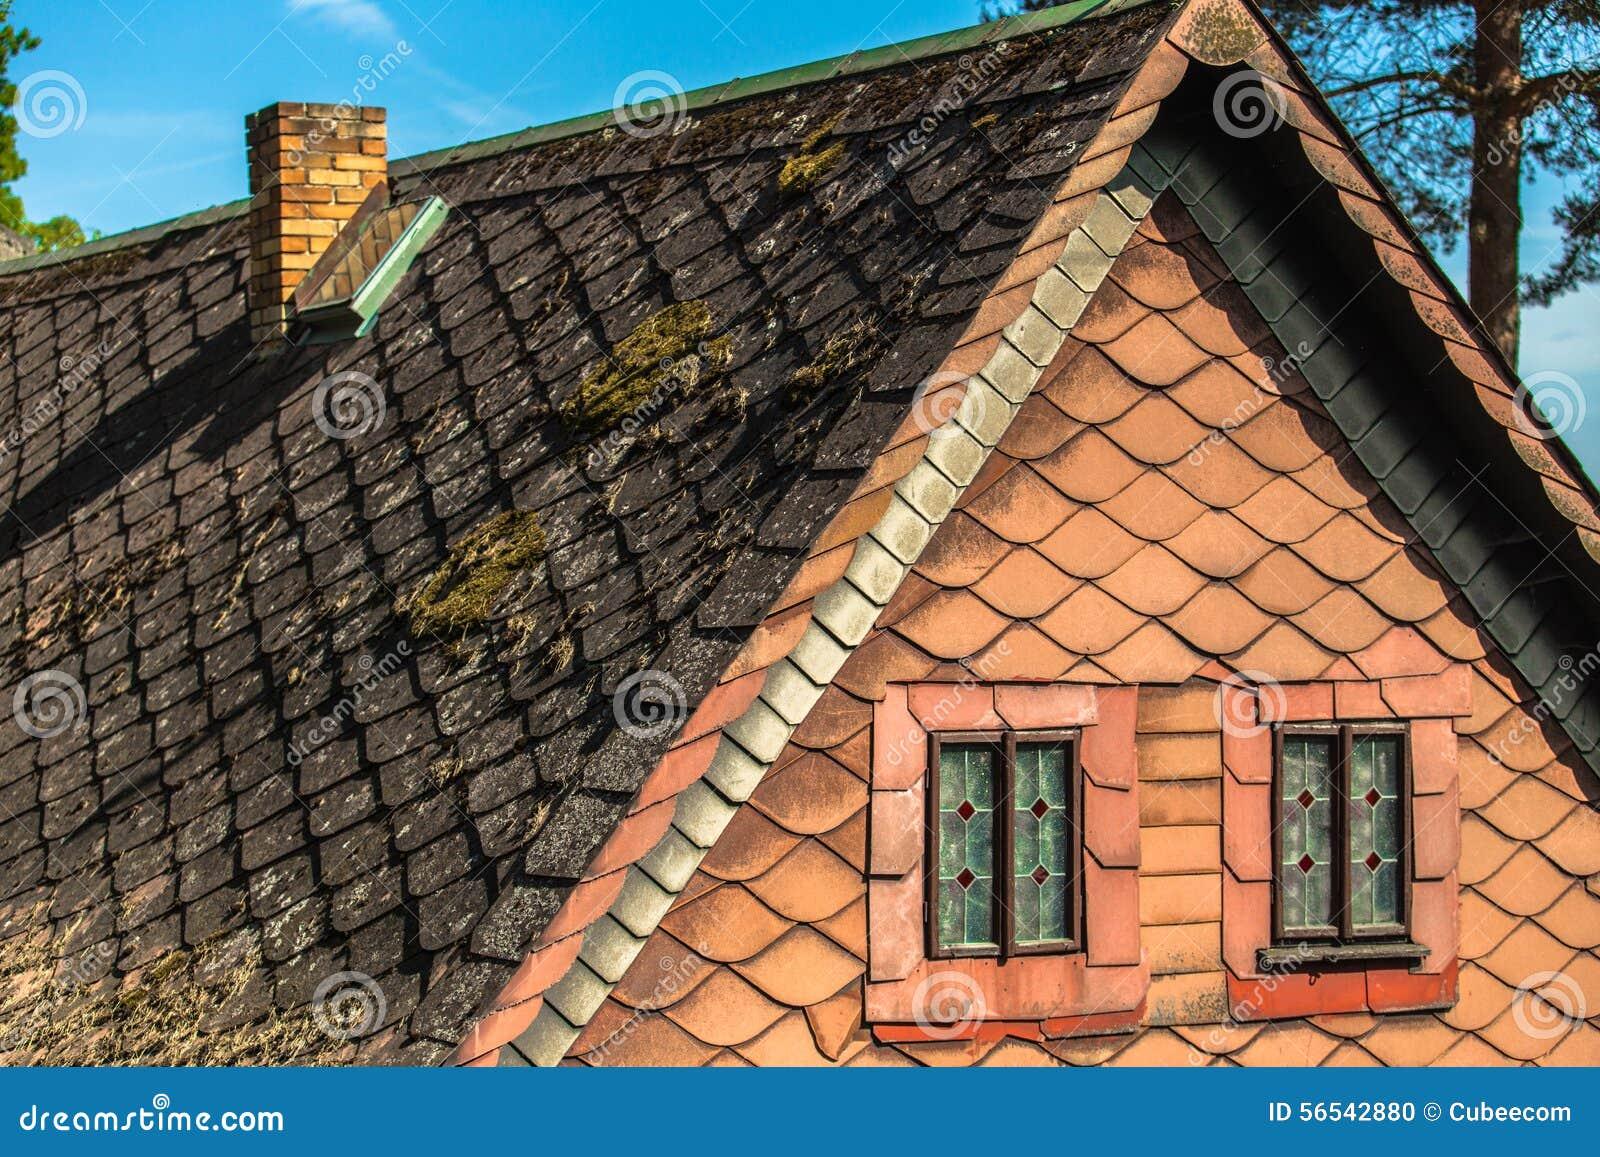 Windows Minimalism Background Stock Photo Image Of Building